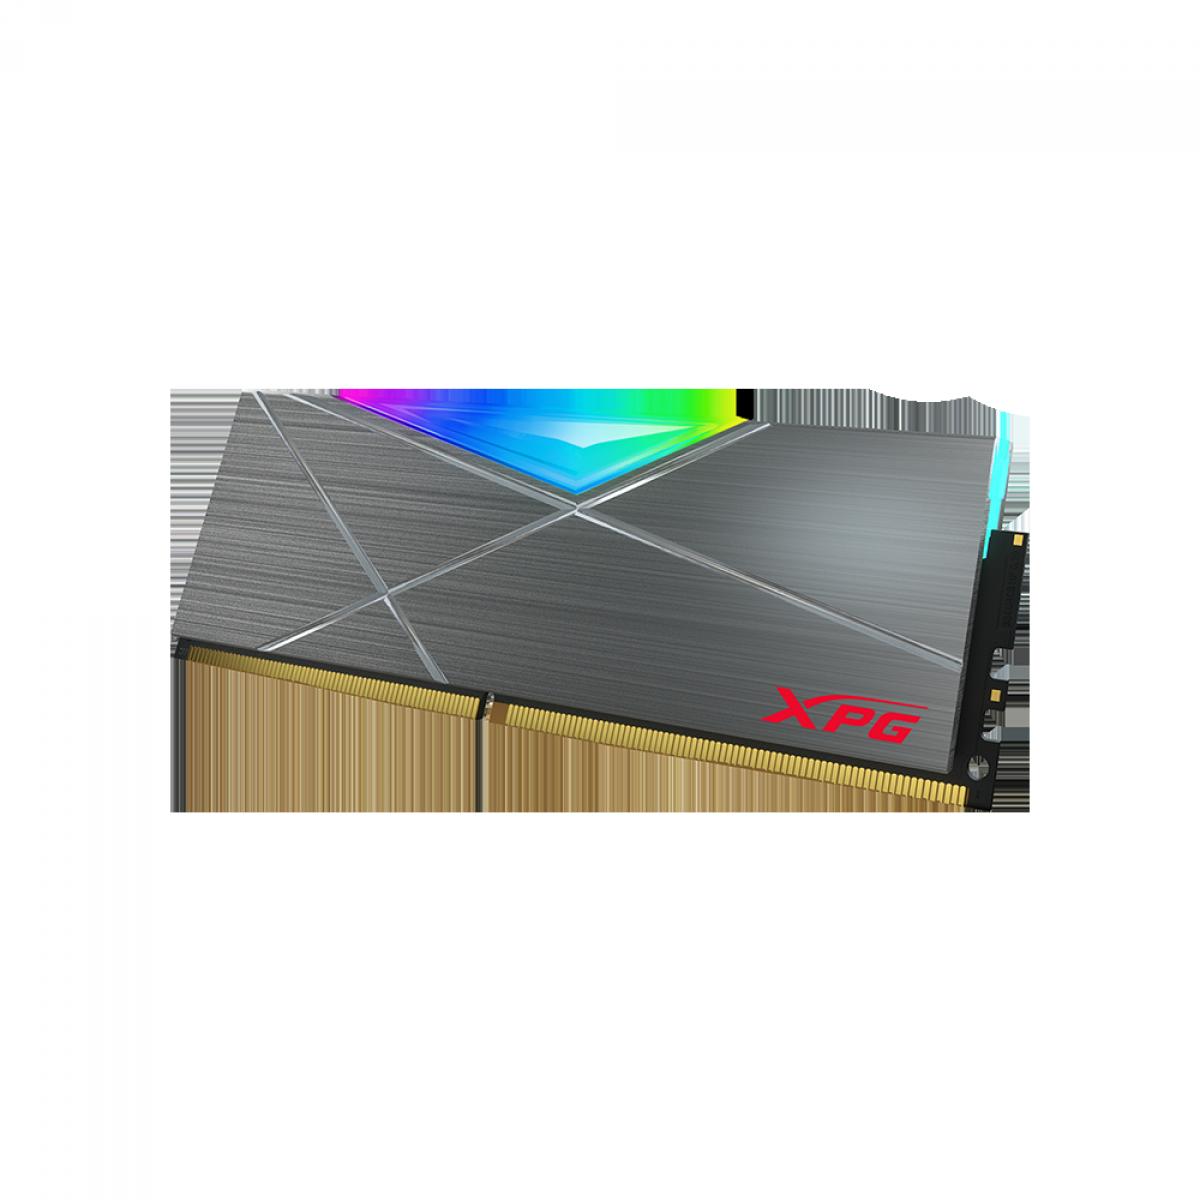 Memória DDR4 XPG Spectrix D50, 8GB, 3000Mhz, CL16, RGB, Gray, AX4U300038G16A-ST50